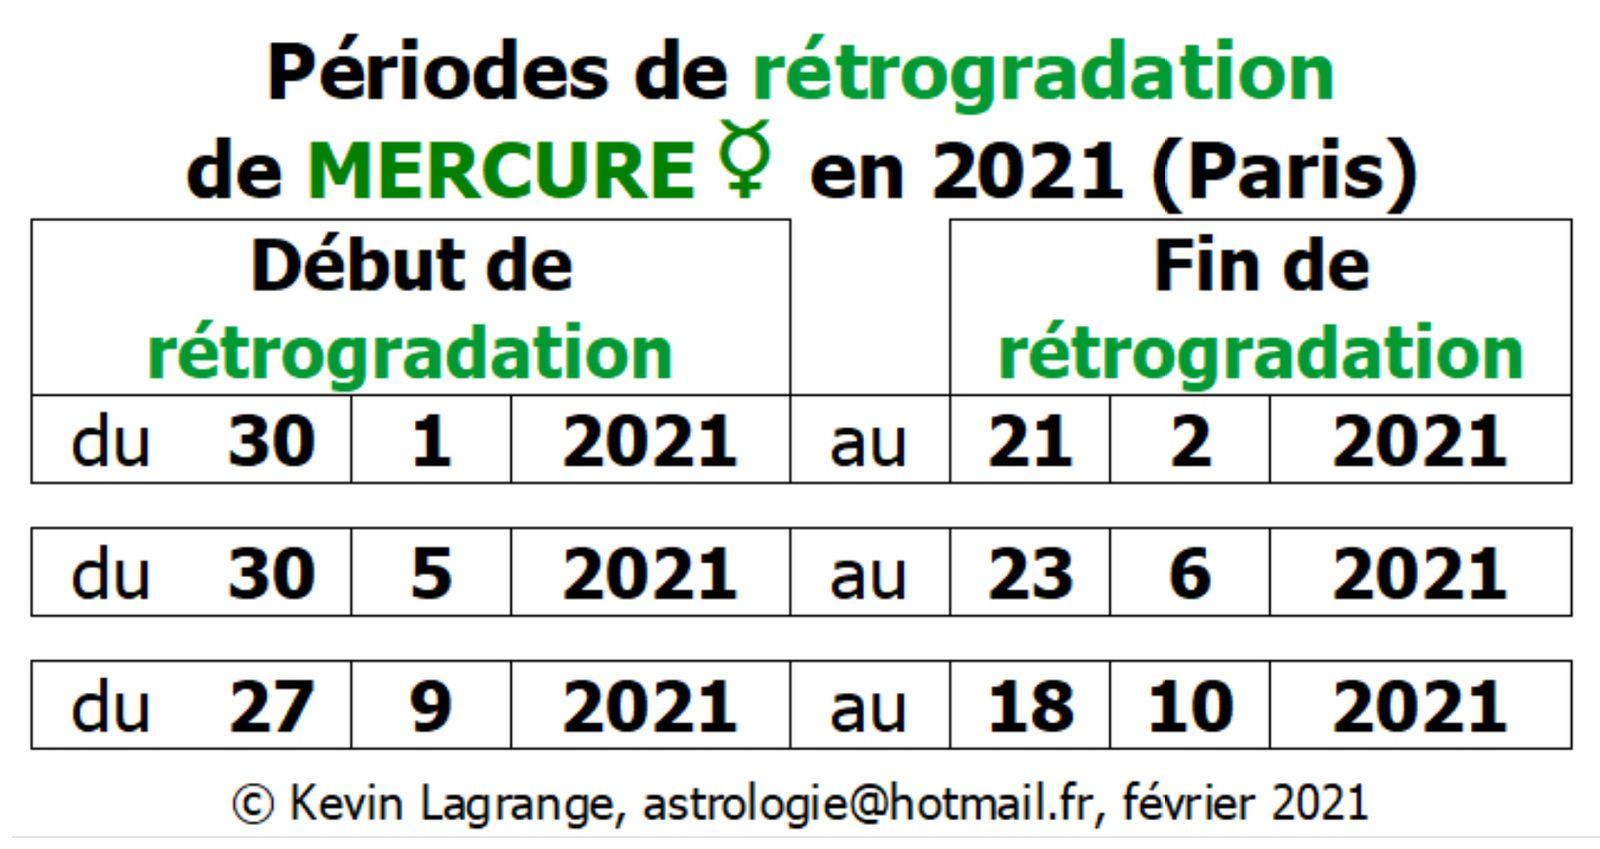 Mercure rétrograde en 2021